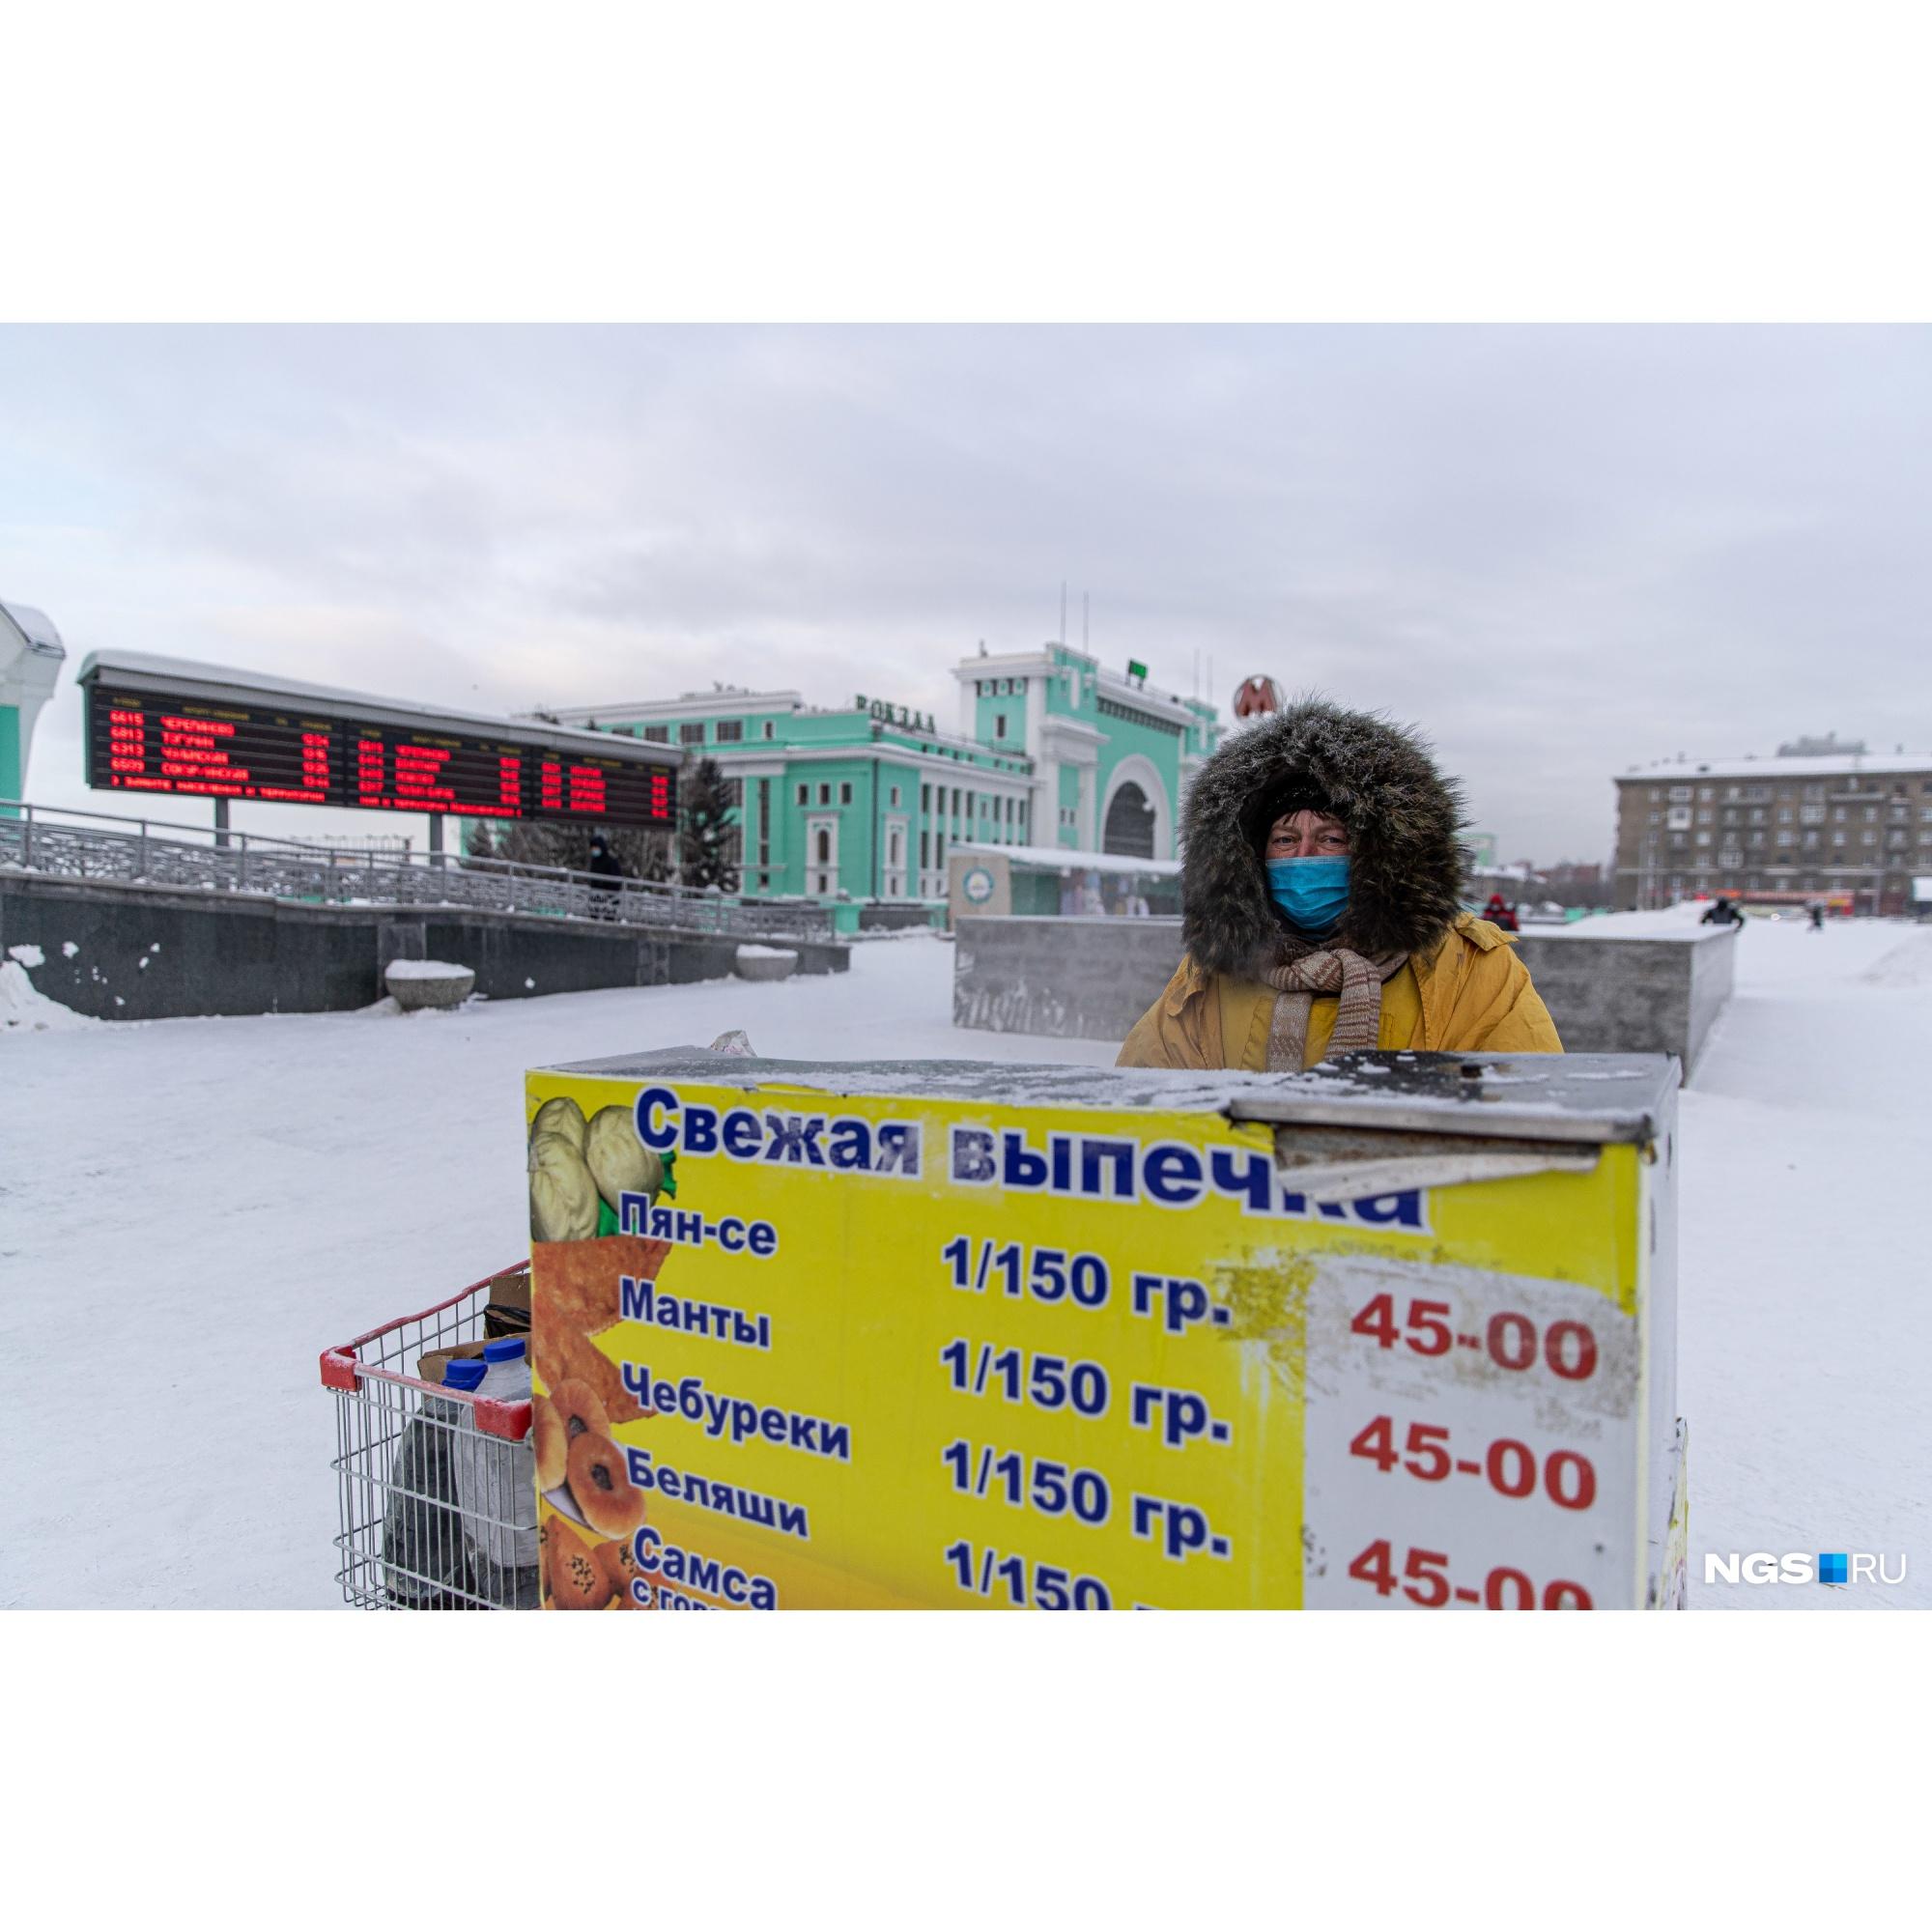 А вот Оксана от фотографий не отказалась — на площади она работает легально, по заключенному договору